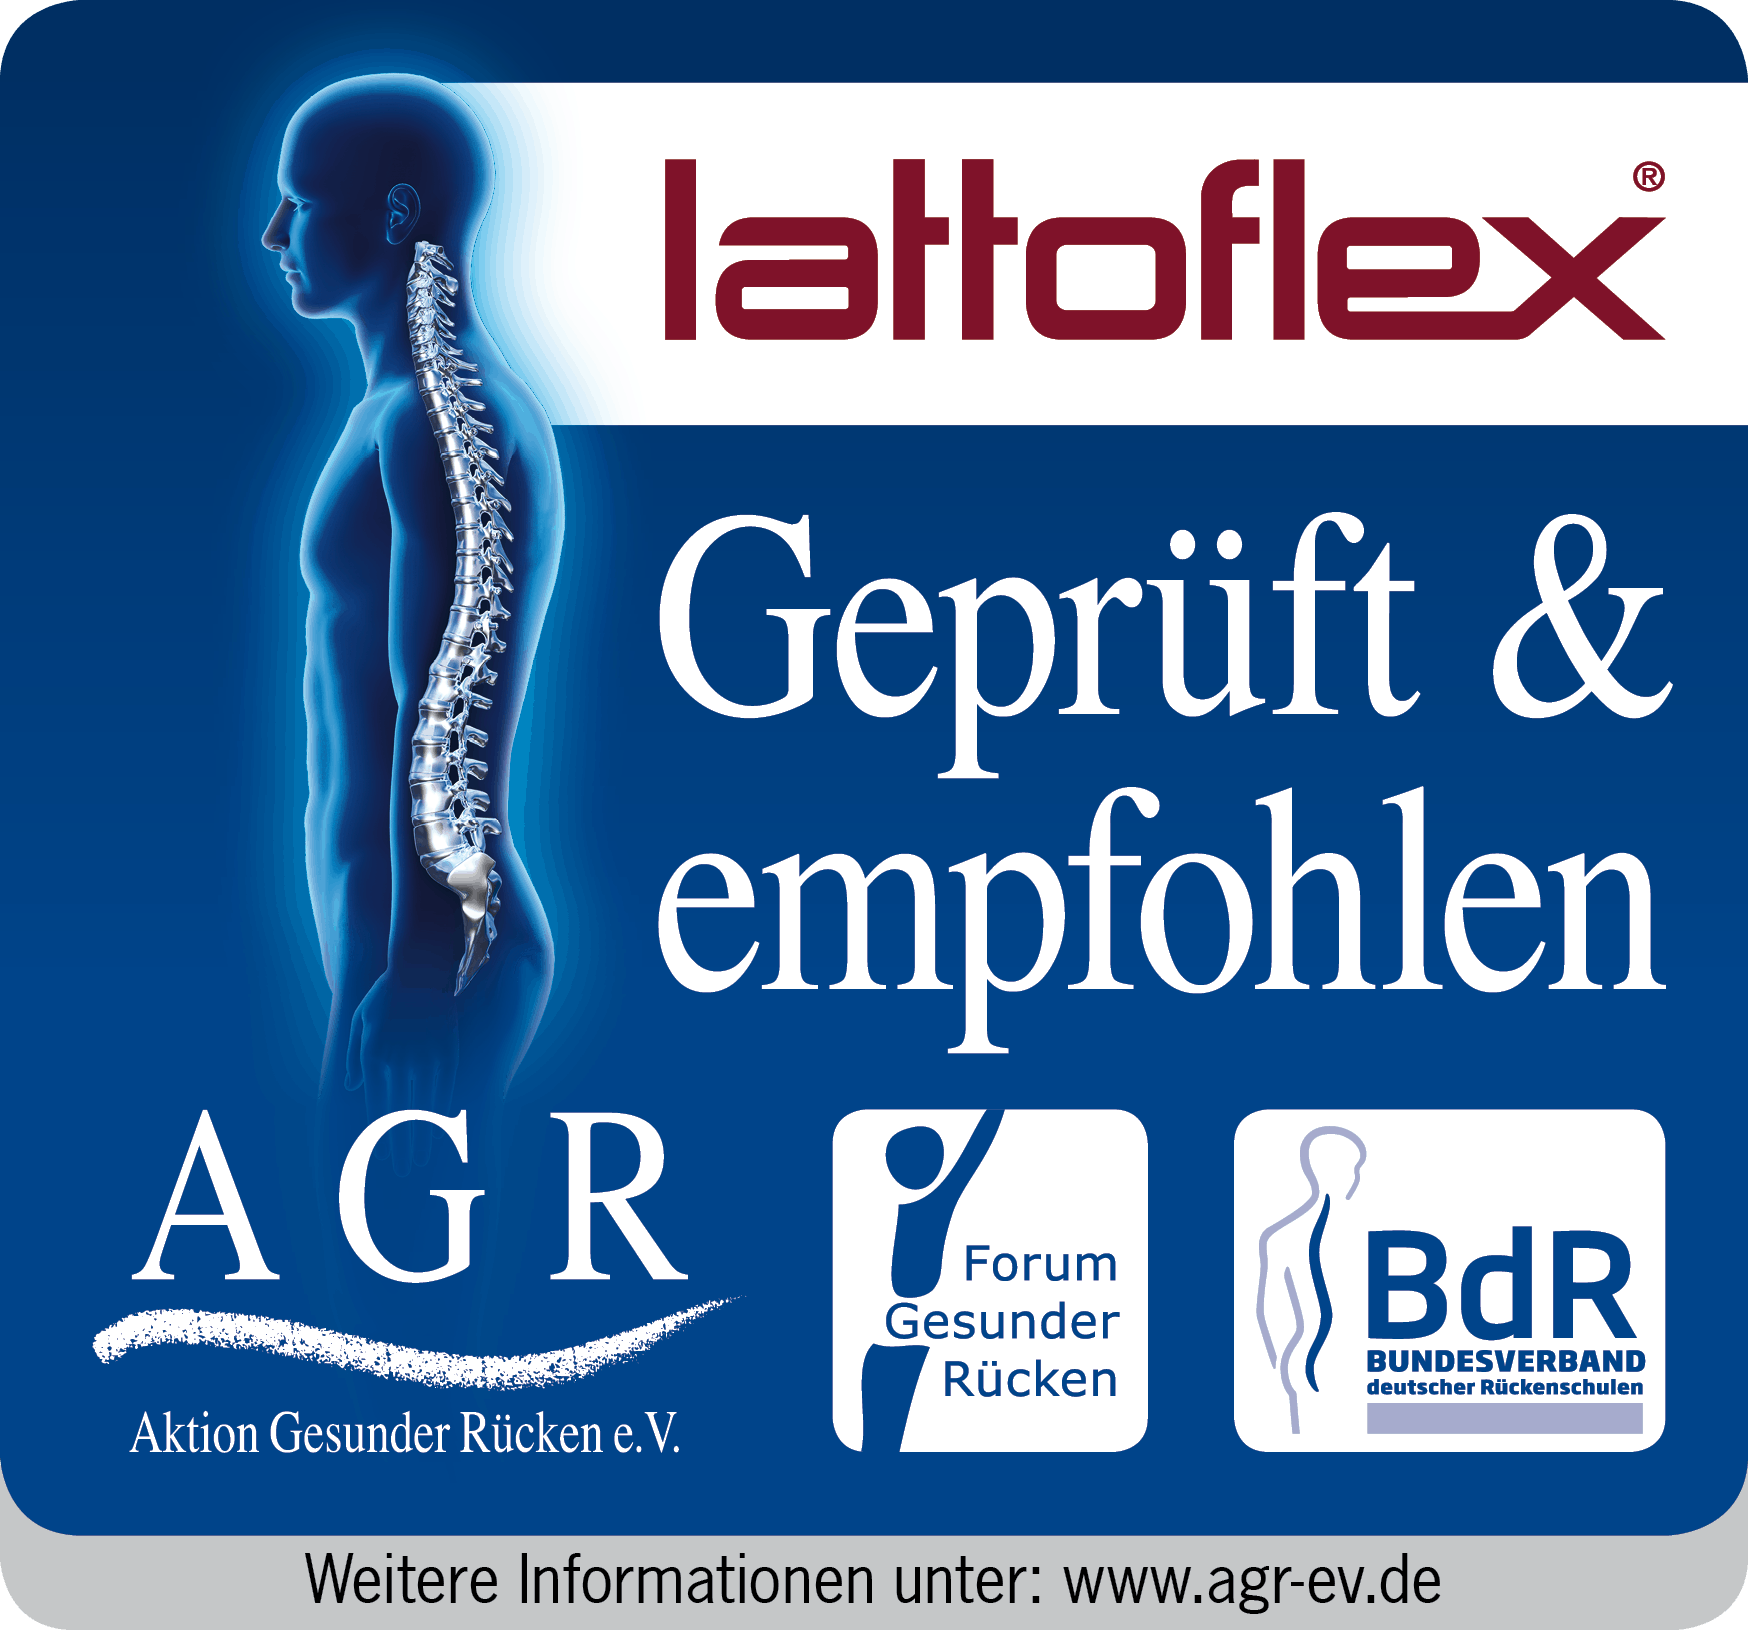 AGR Zertifizierung Lattoflex